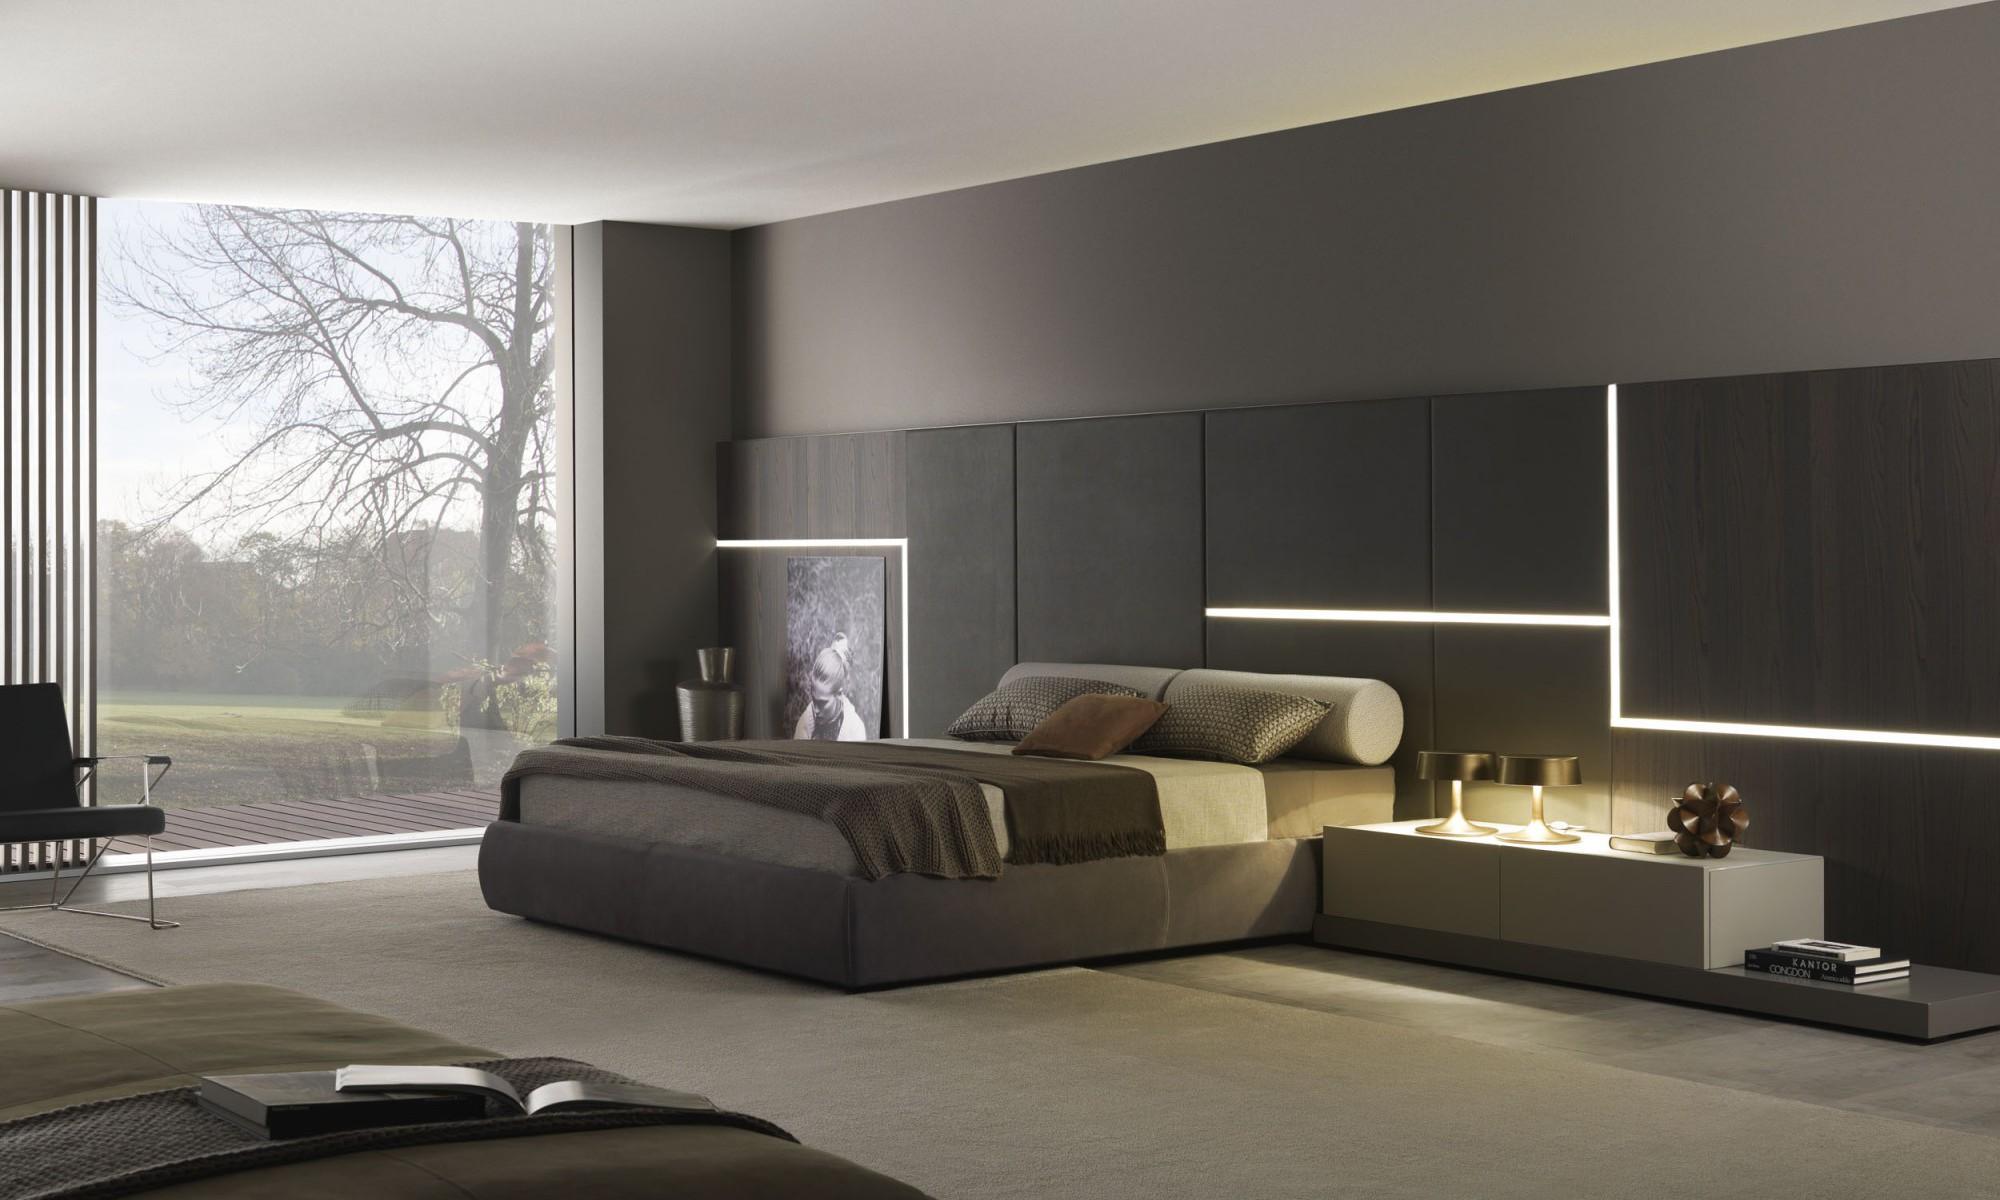 misuraemme furniture. Products Misuraemme Furniture G